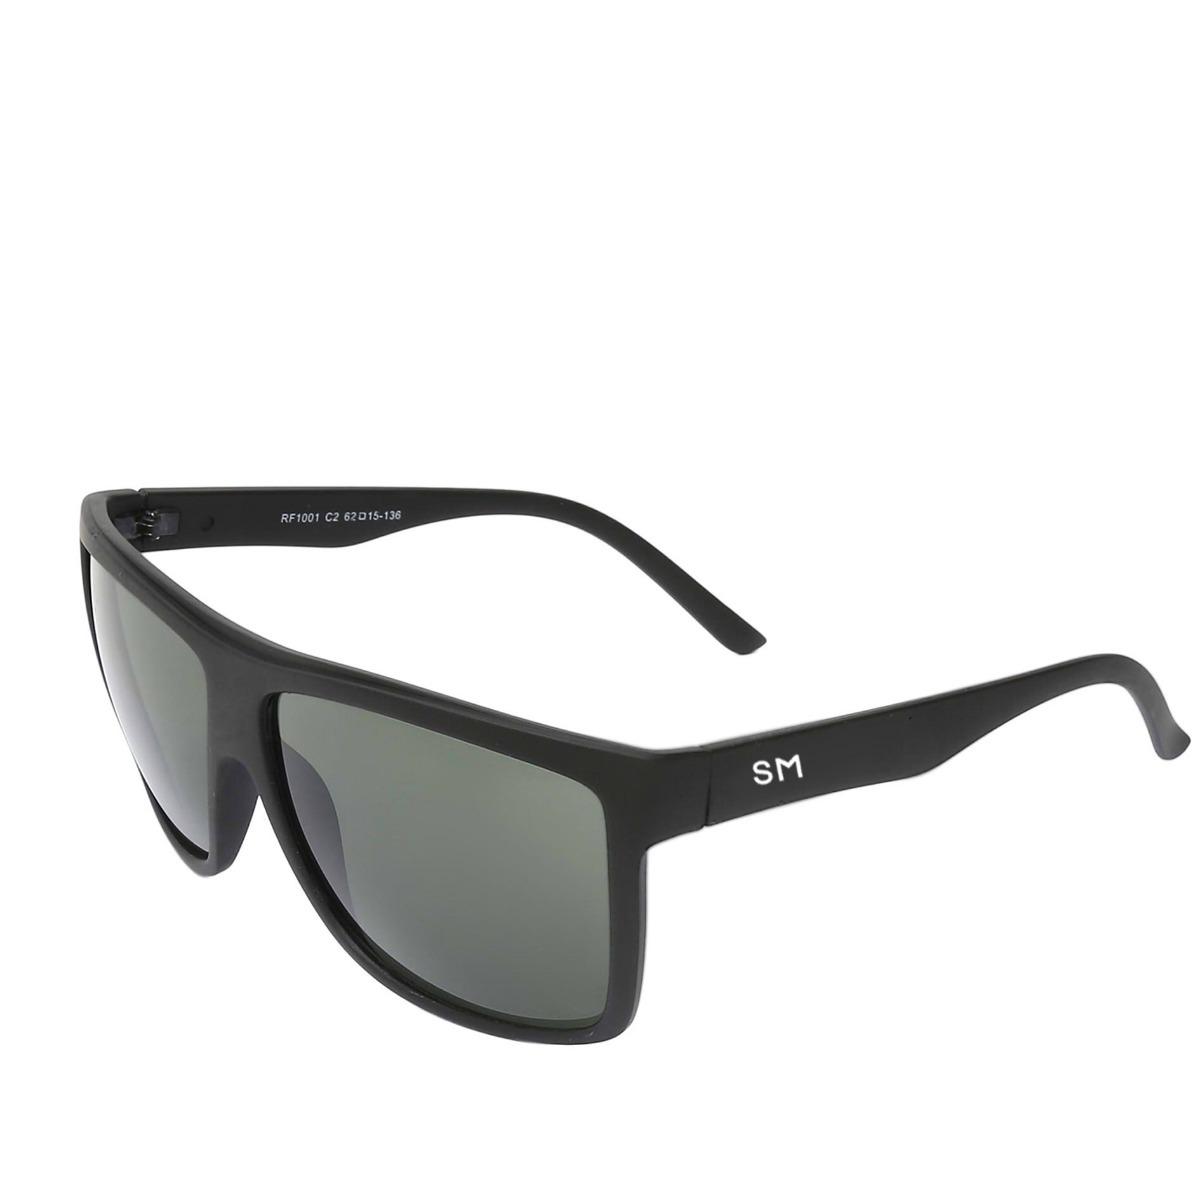 Óculos De Sol Masculino Sandro Moscoloni Antonie Preto - R  99,90 em ... 87033a6e84